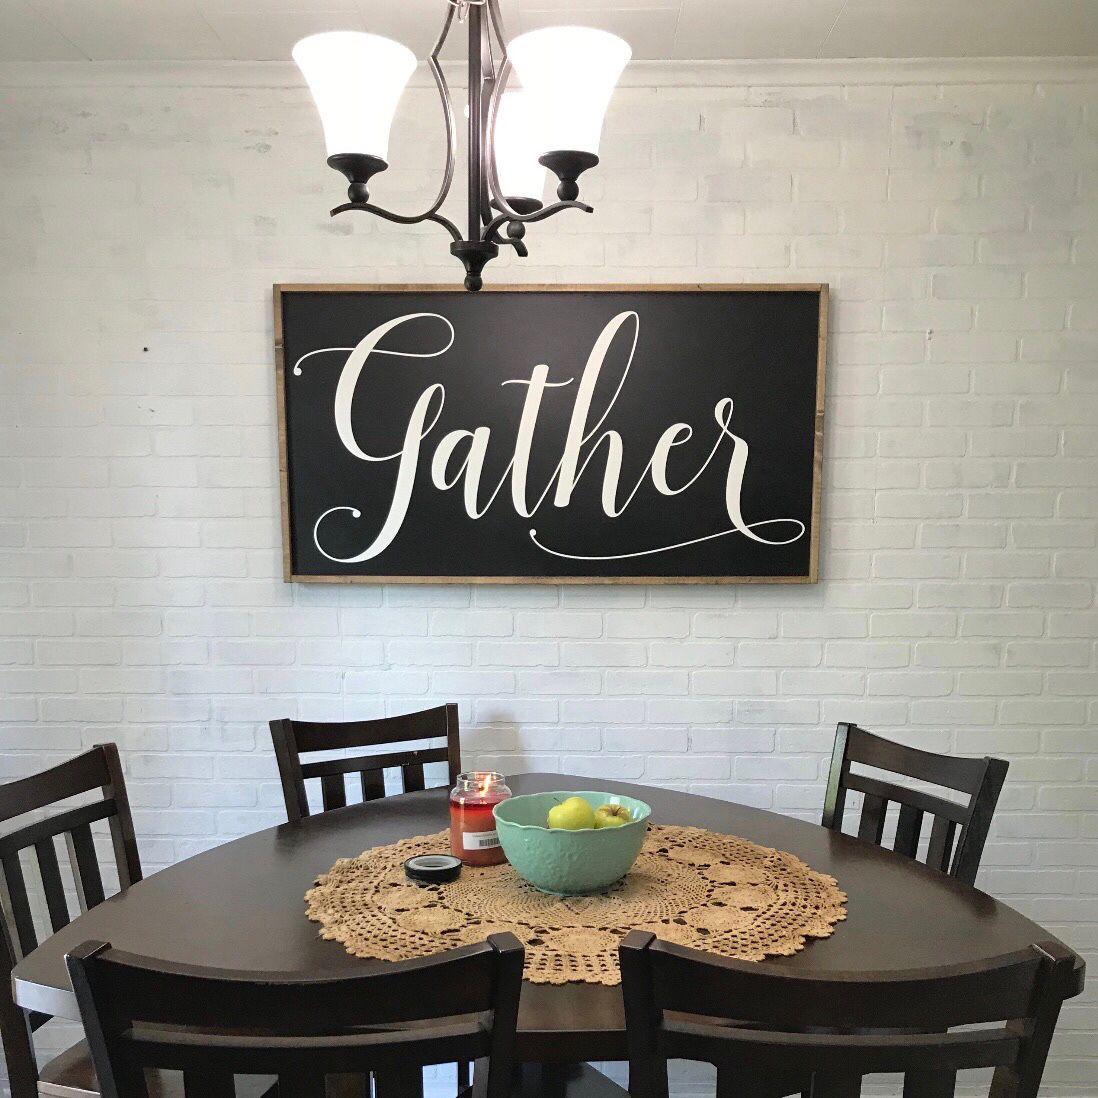 Gather Kitchen Wooden Sign Modern Farmhouse Home Decor Farmhouse